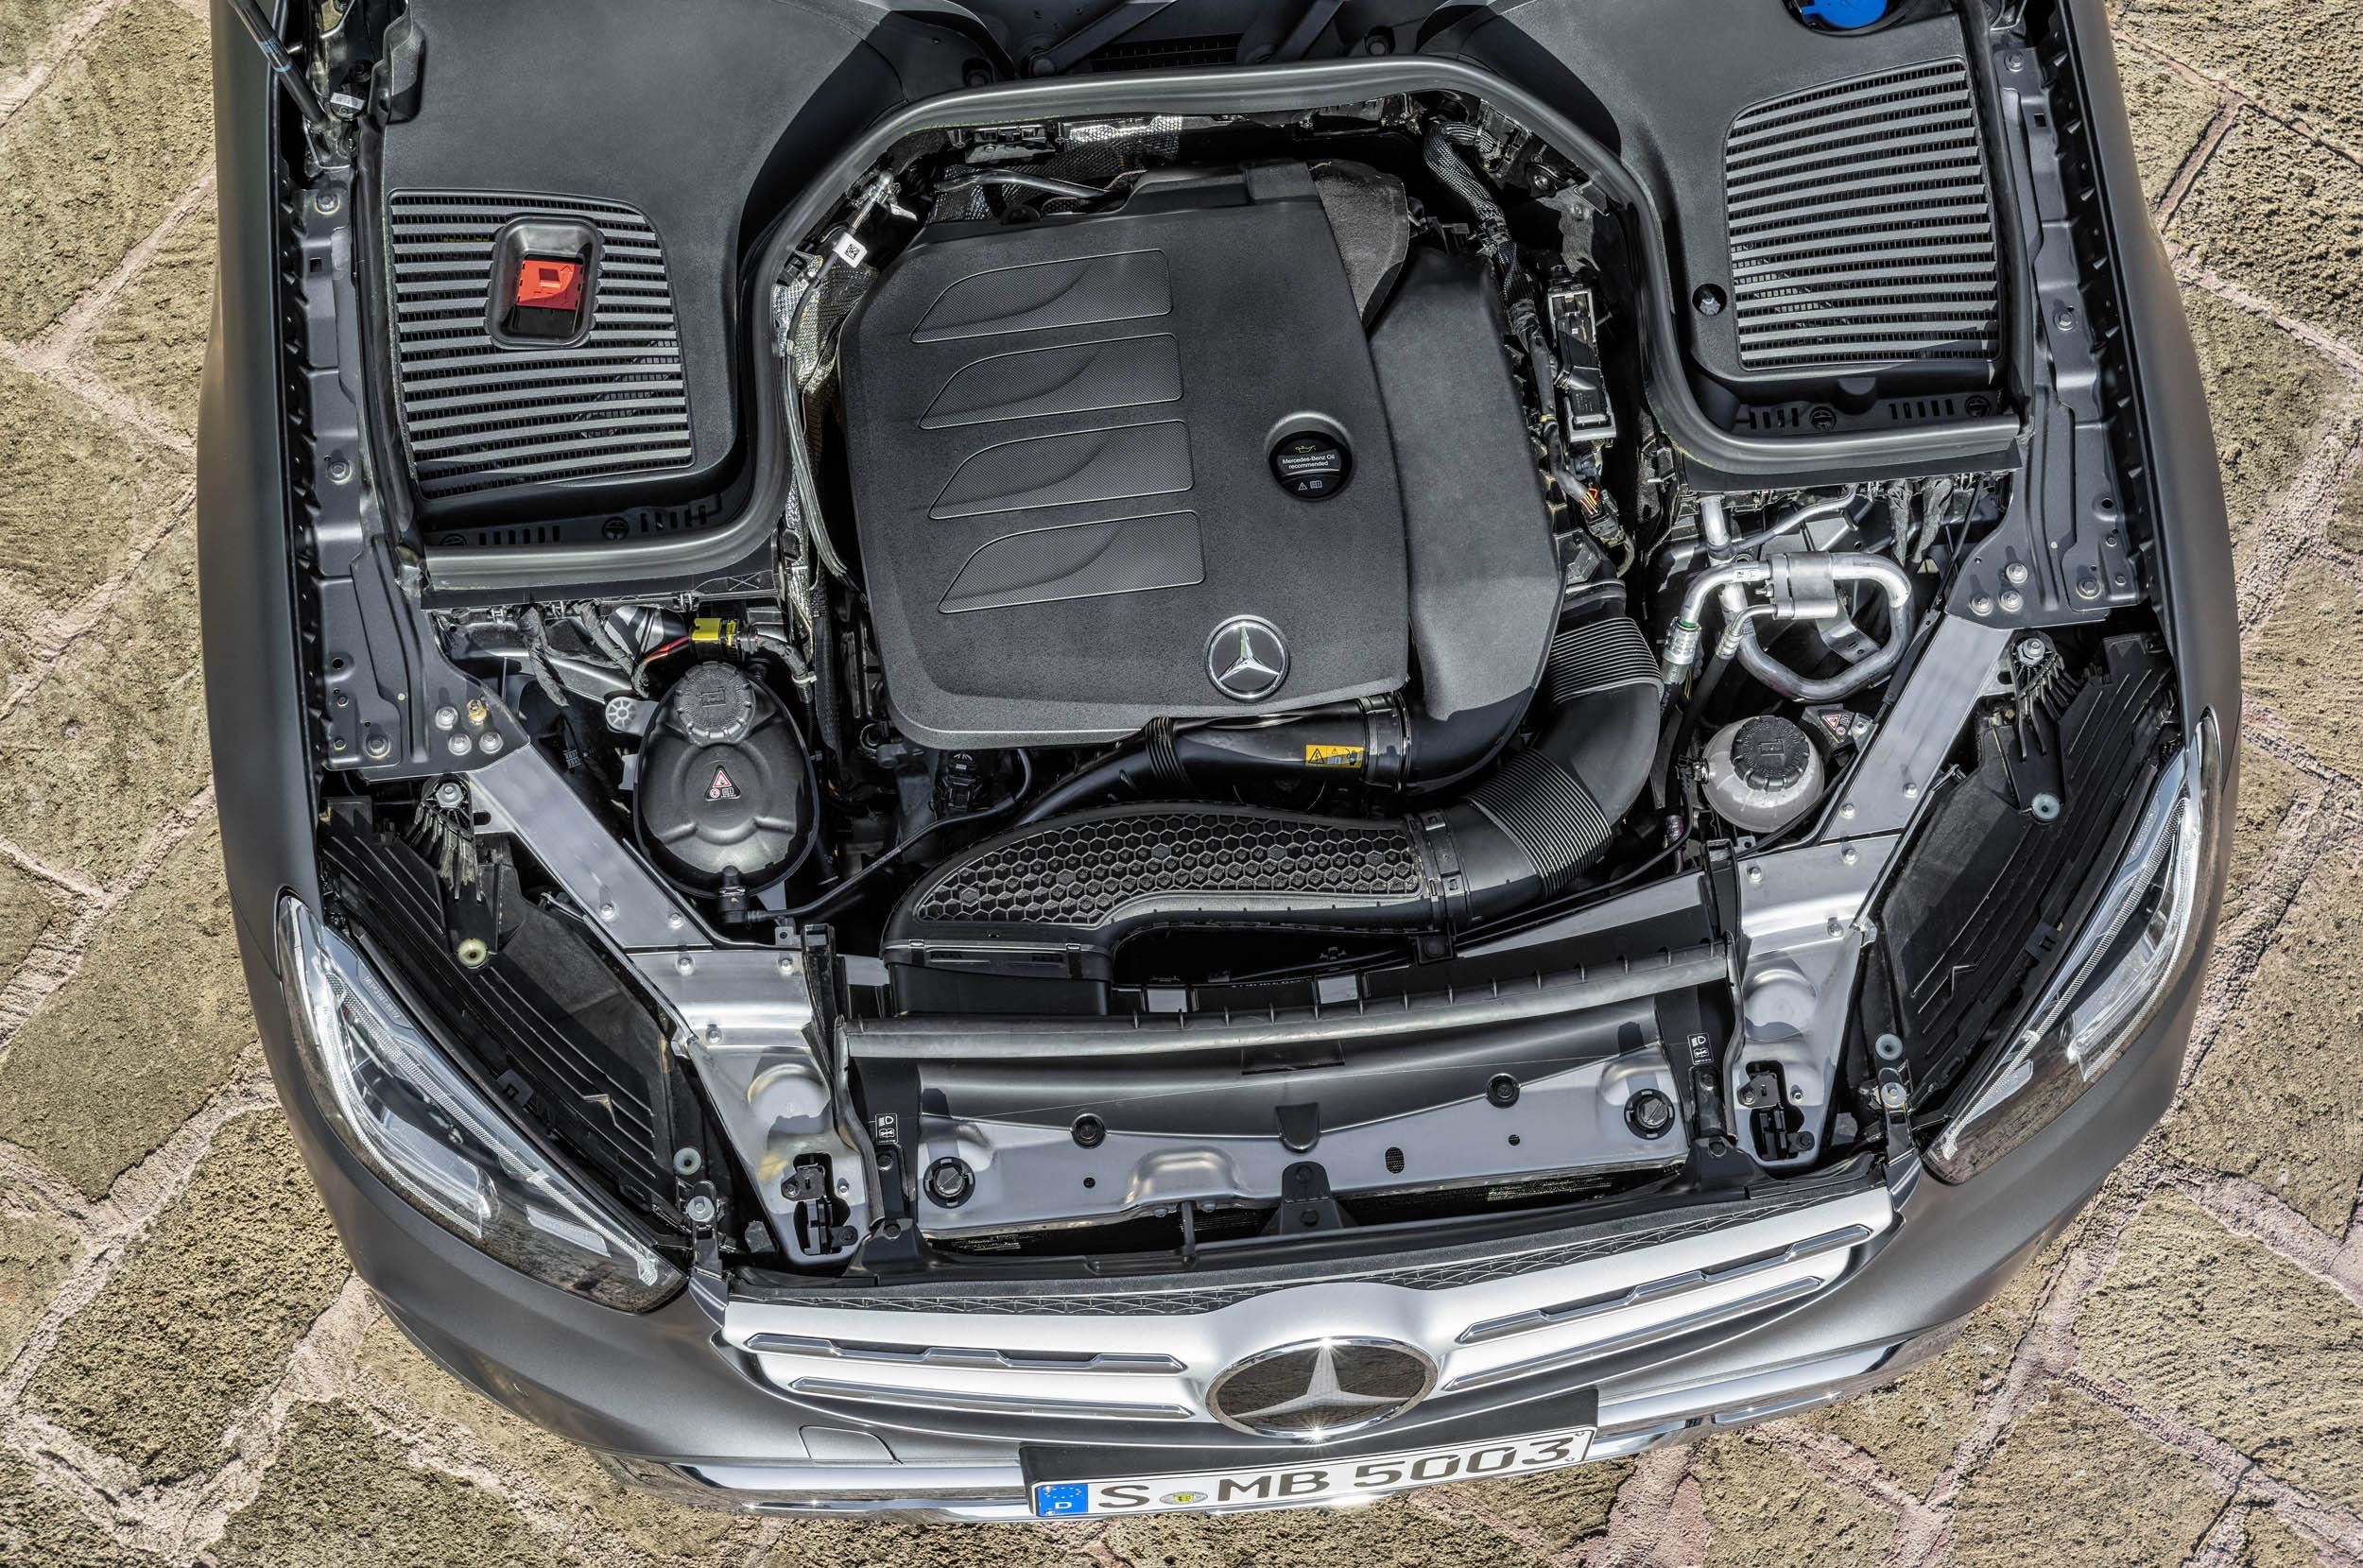 Mercedes-Benz GLC (X253), 2019, designo selenitgrau magno, Polster Leder sattelbraun // Mercedes-Benz GLC (X253), 2019, designo selenite grey magno, saddle brown leather interior